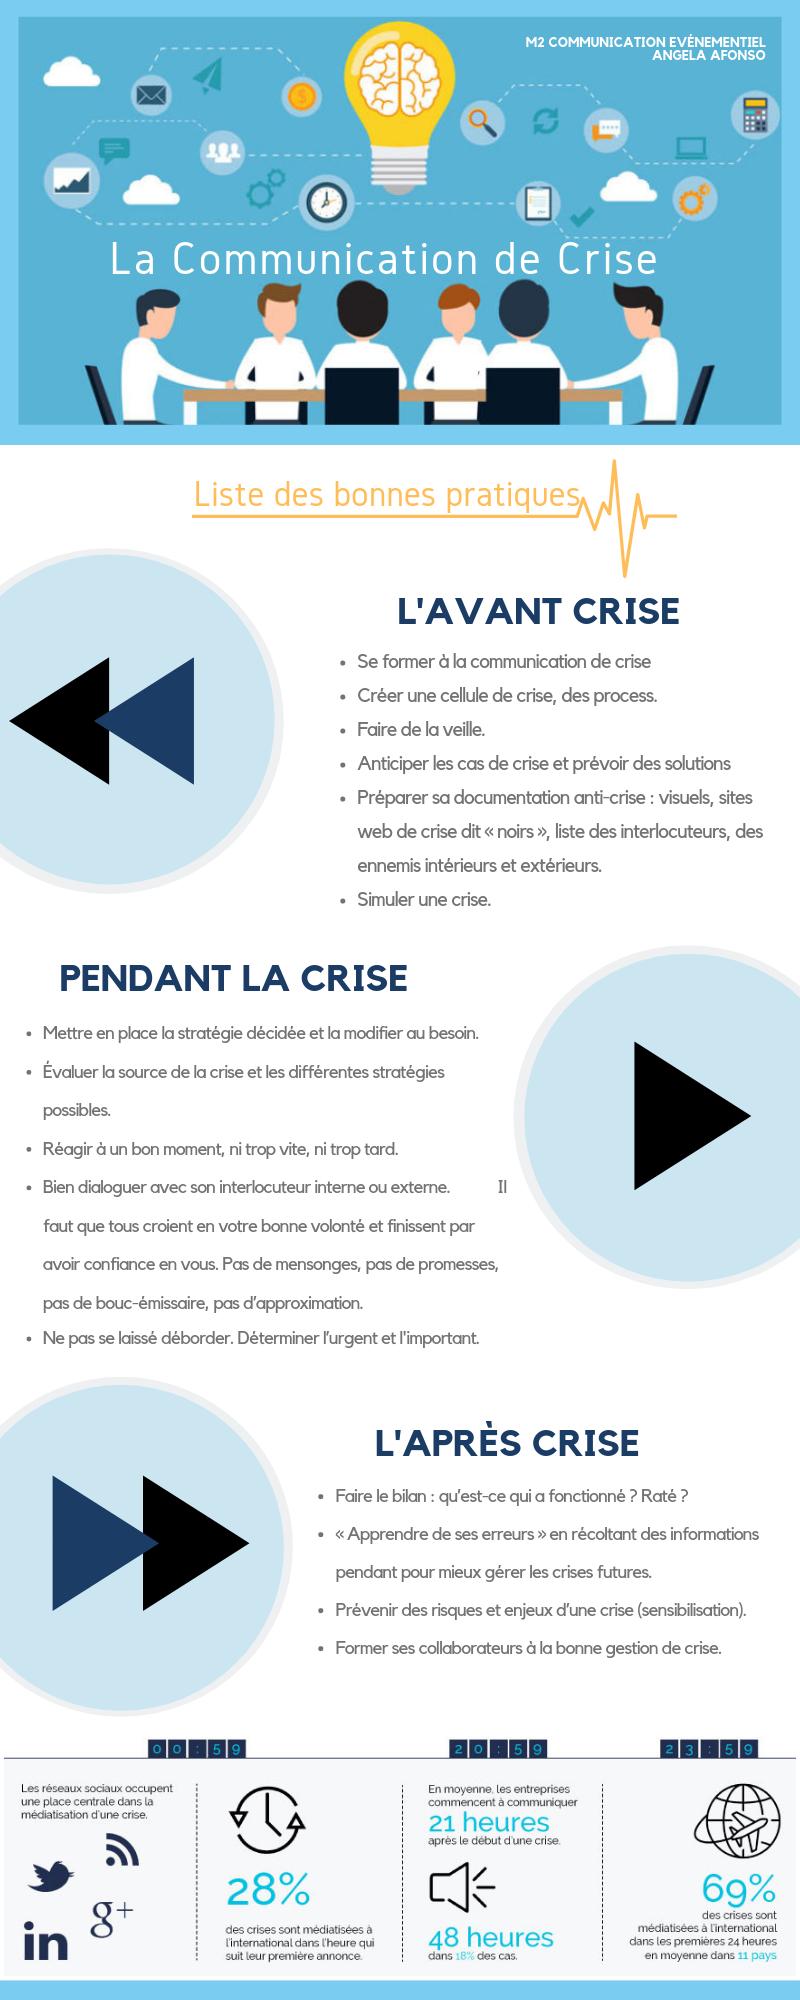 Infographie communication de crise étudiant de Marie-Laure